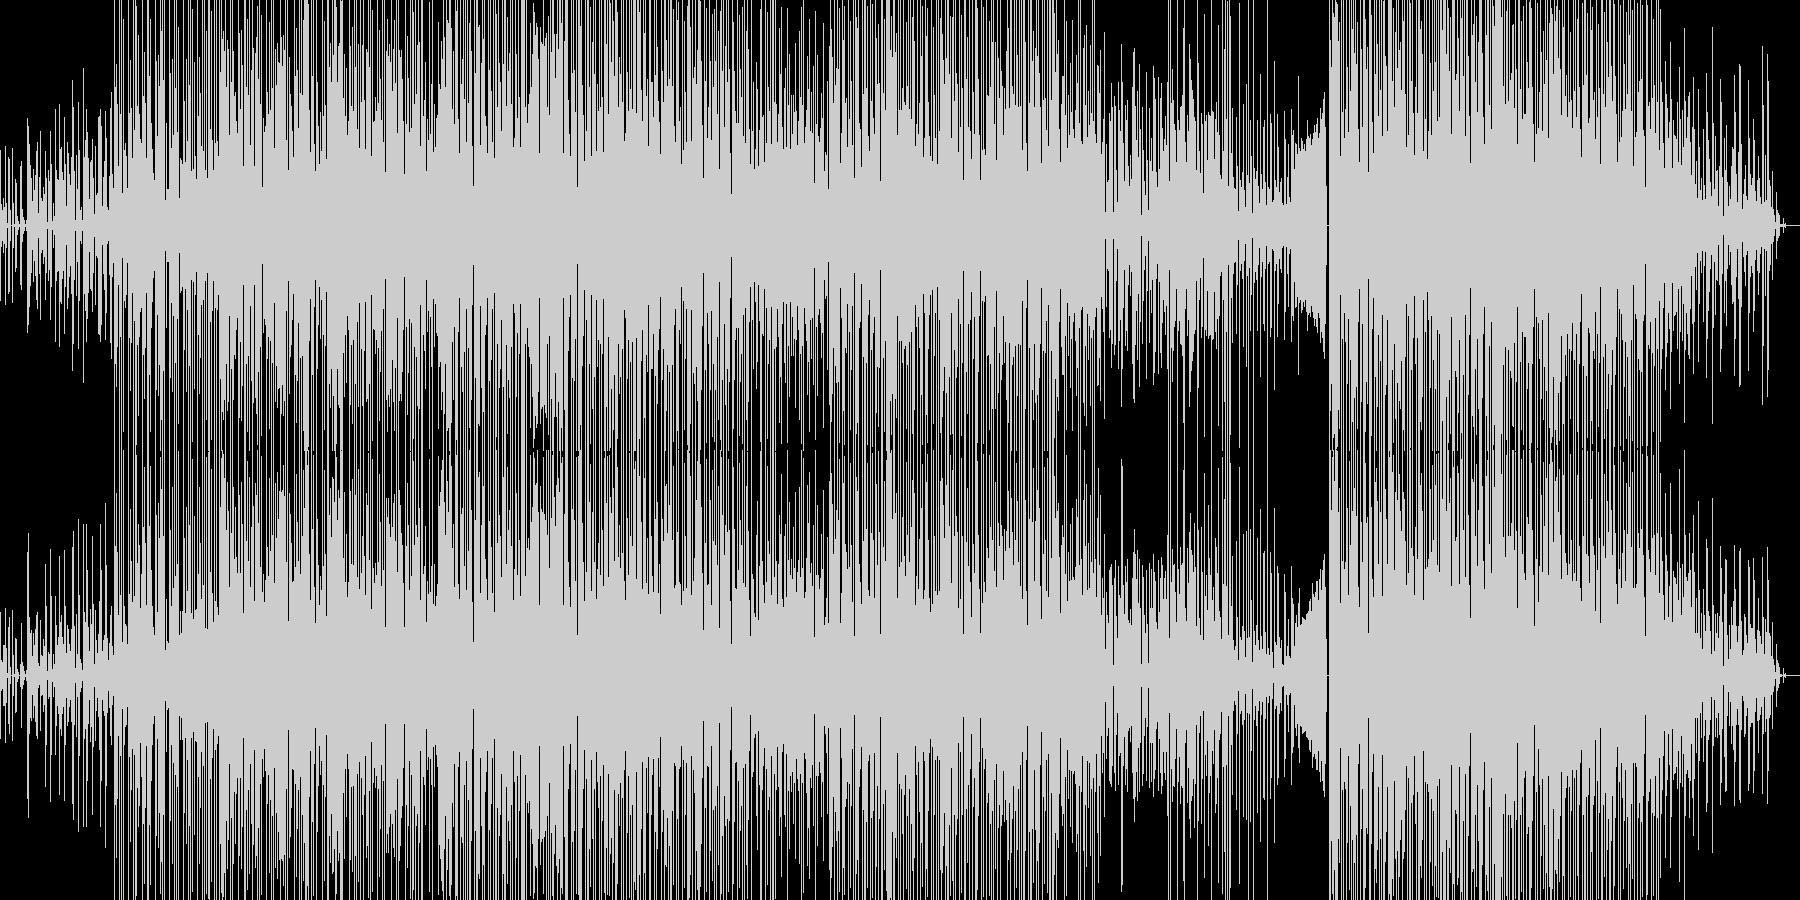 ギターメインのドラムンベースの未再生の波形